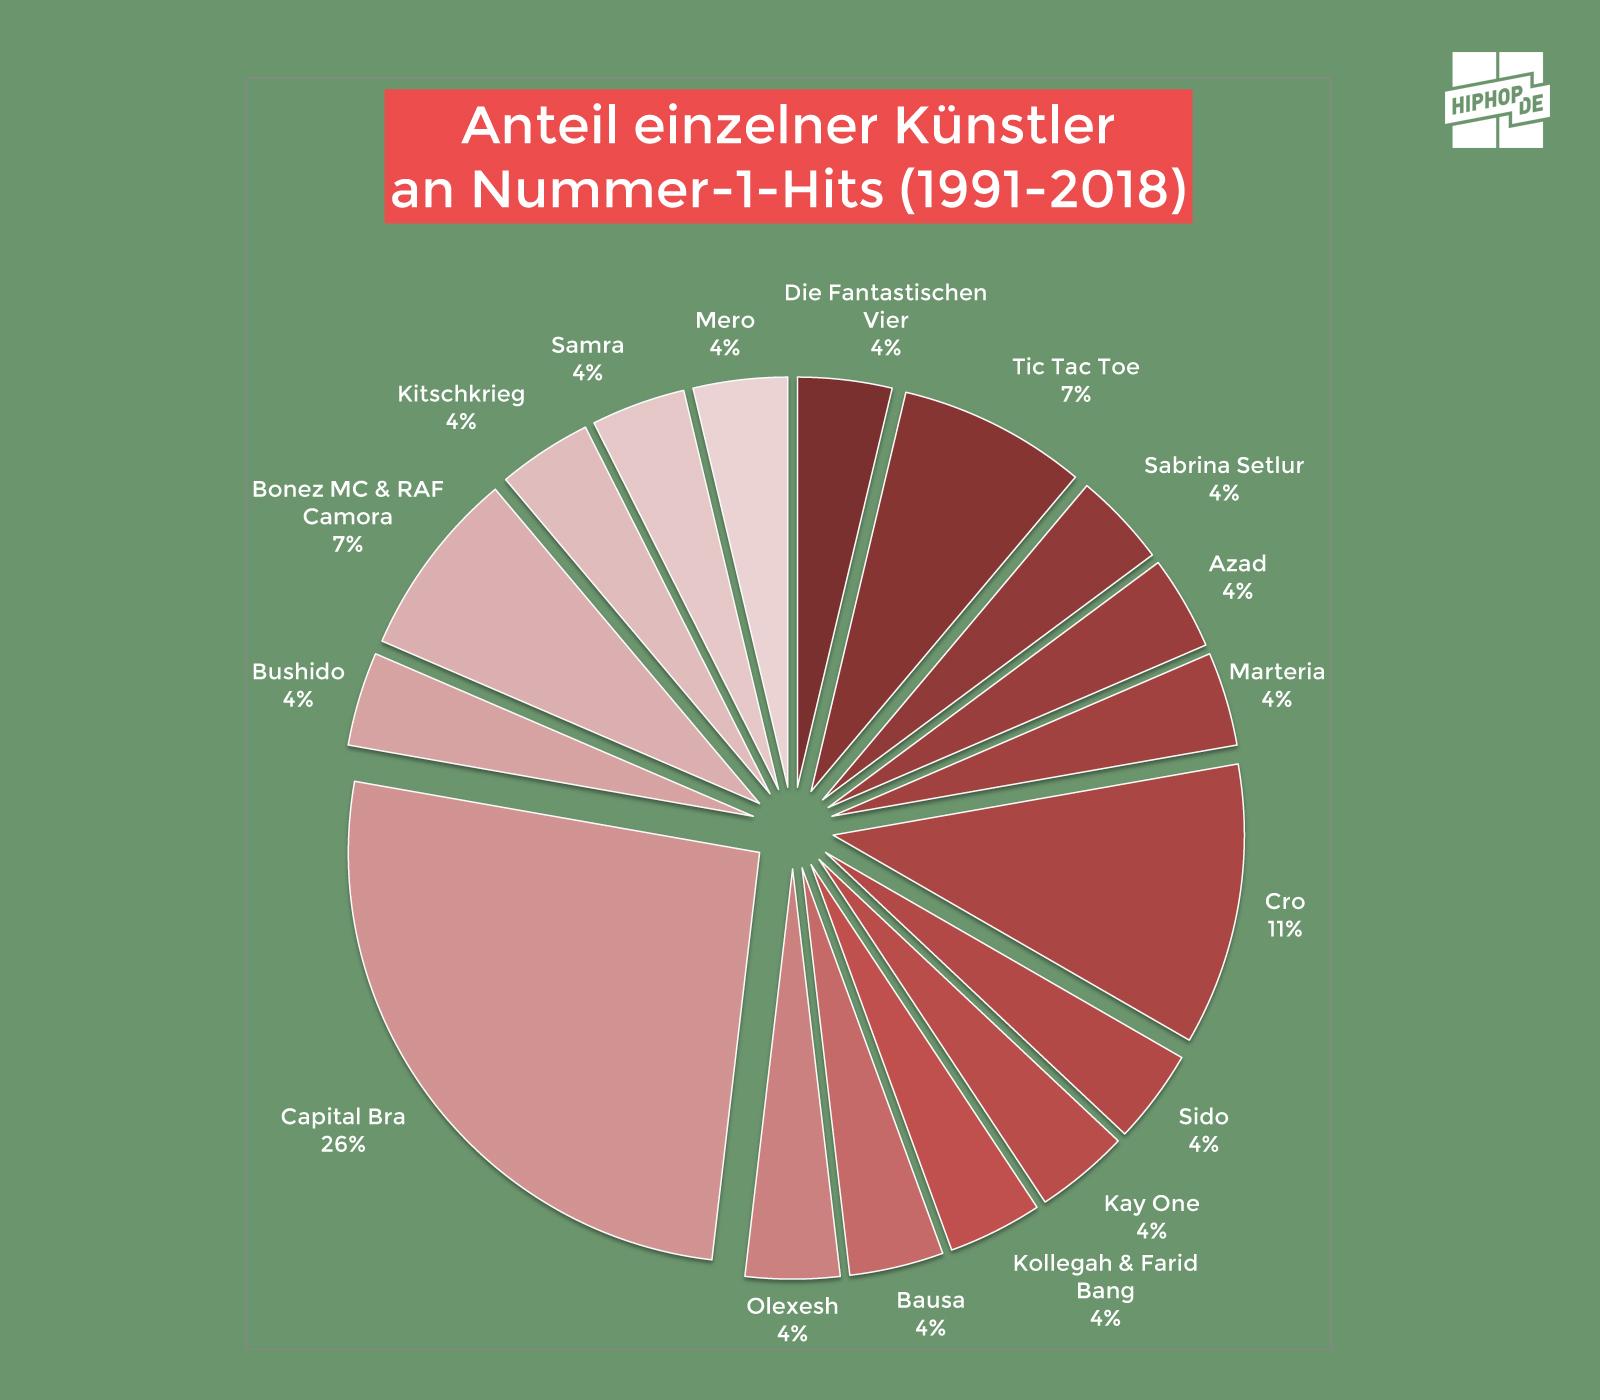 Anteil einzelner Künstler an Nummer-1-Hits